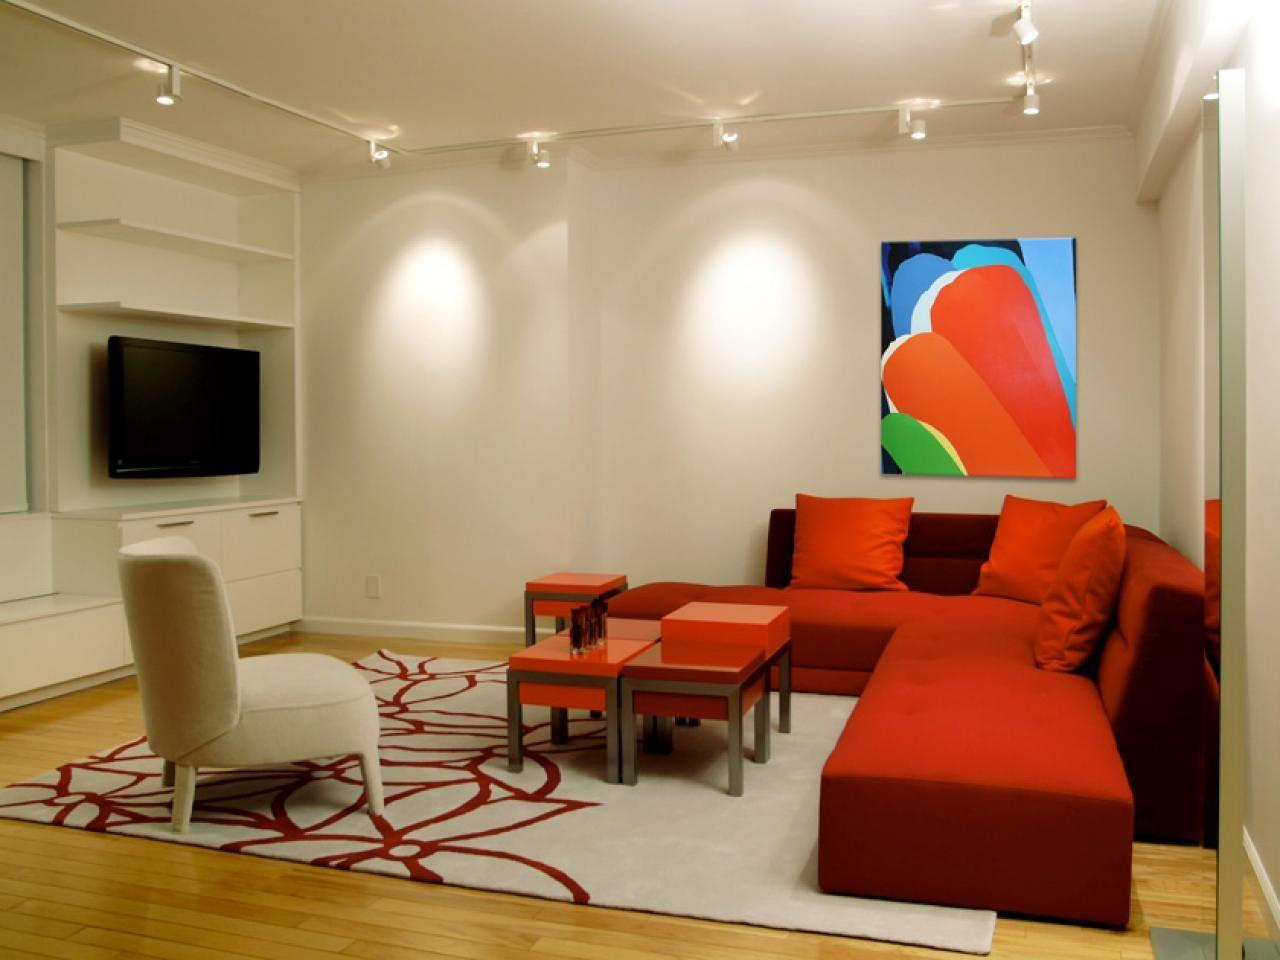 Wohnzimmer Leuchten Küchen Wir Haben Drei Farben, Die Eine Wichtige Rolle  Spielen In Diesem Wohnzimmer